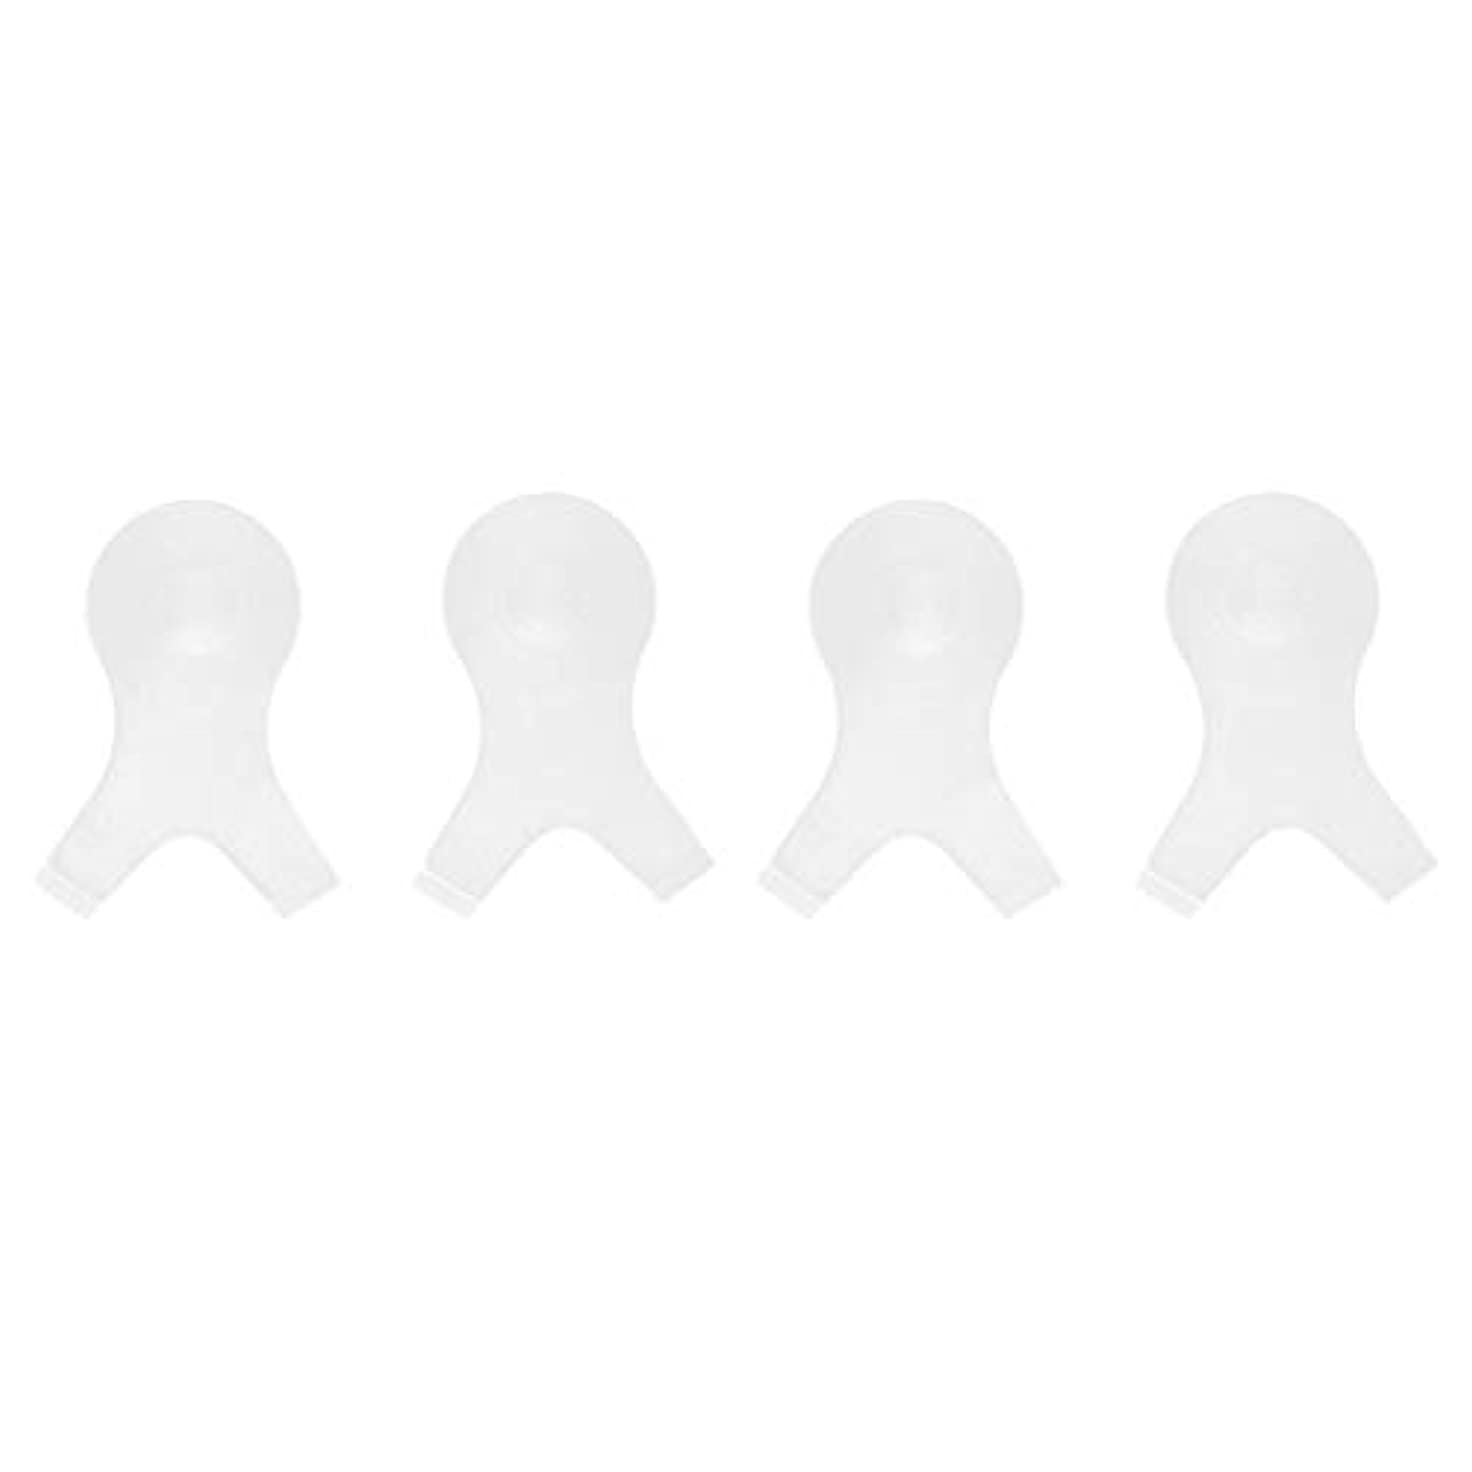 動詞幻影もっと4個 Y字型 まつ毛パーシングブラシ まつ毛 エクステンションパーマ用 メイクアップツール